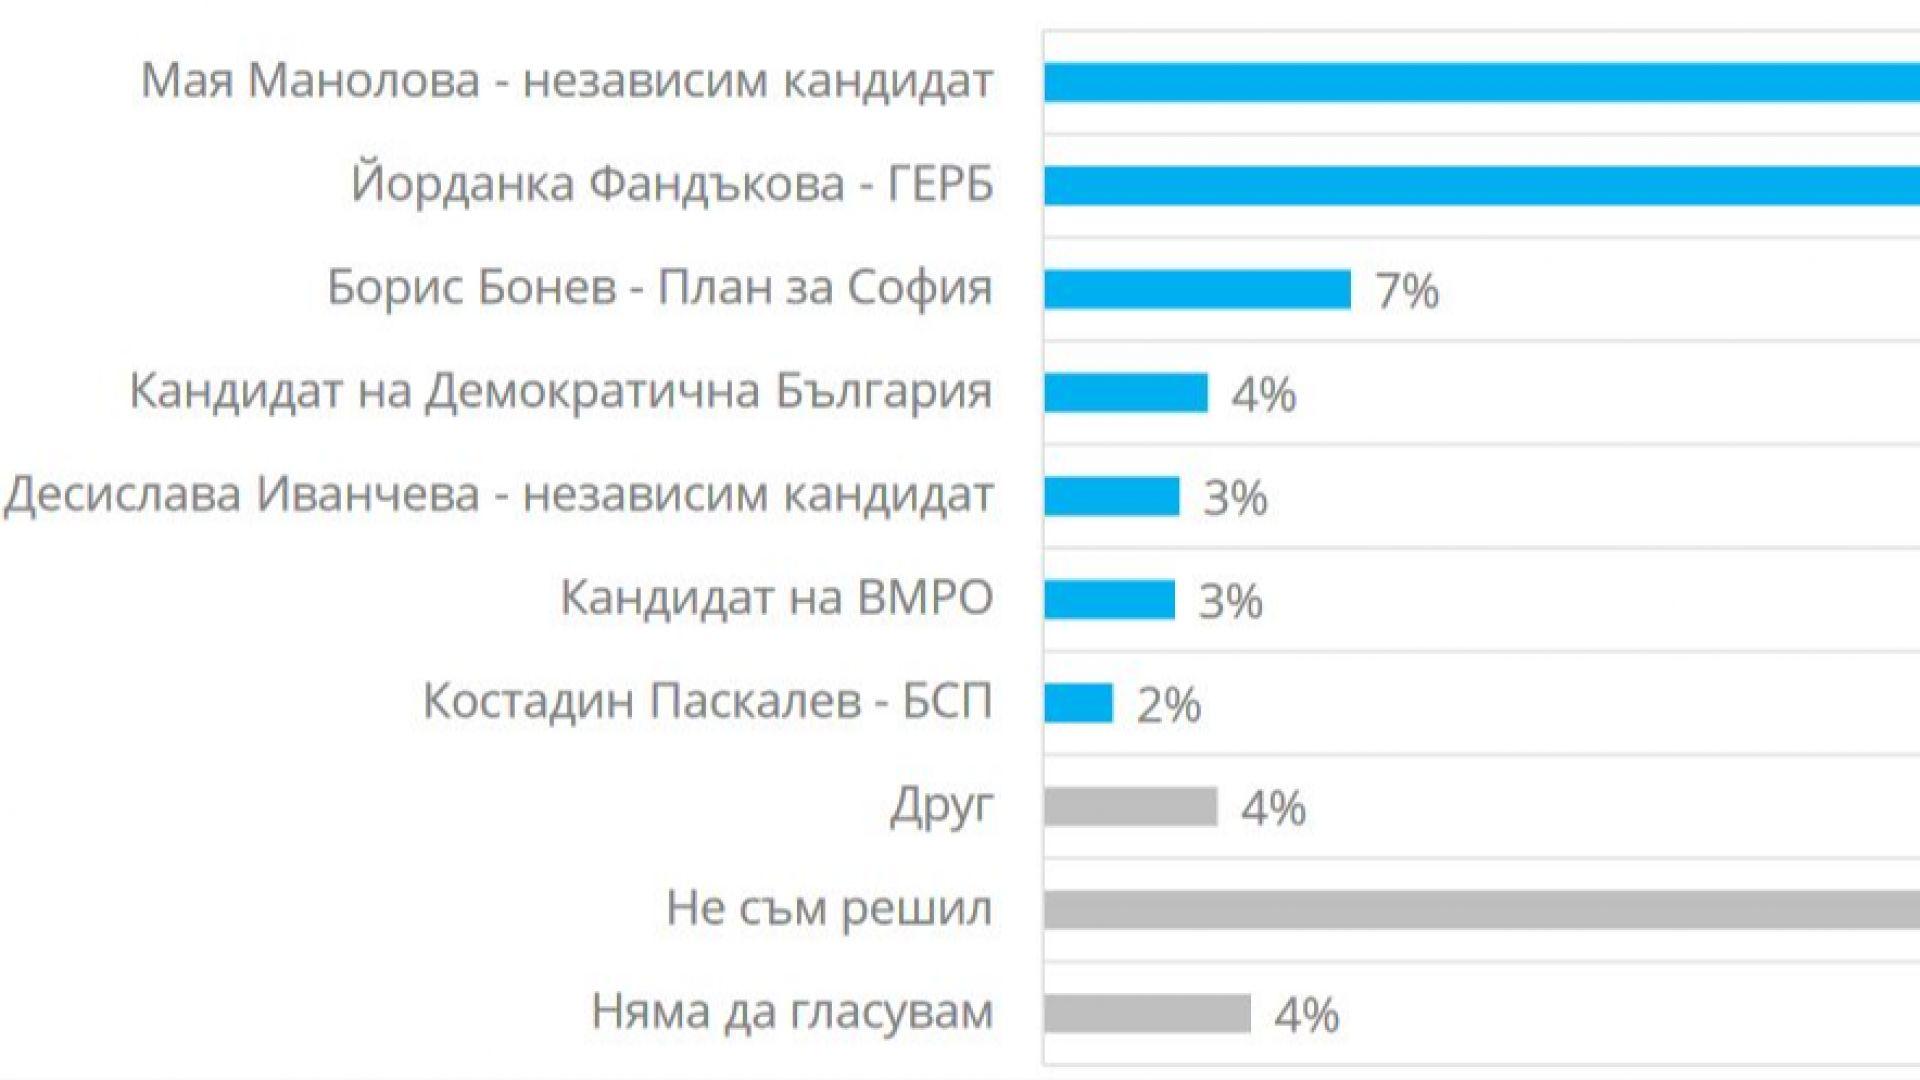 Мая Манолова ще има 5% преднина пред Йорданка Фандъкова, ако